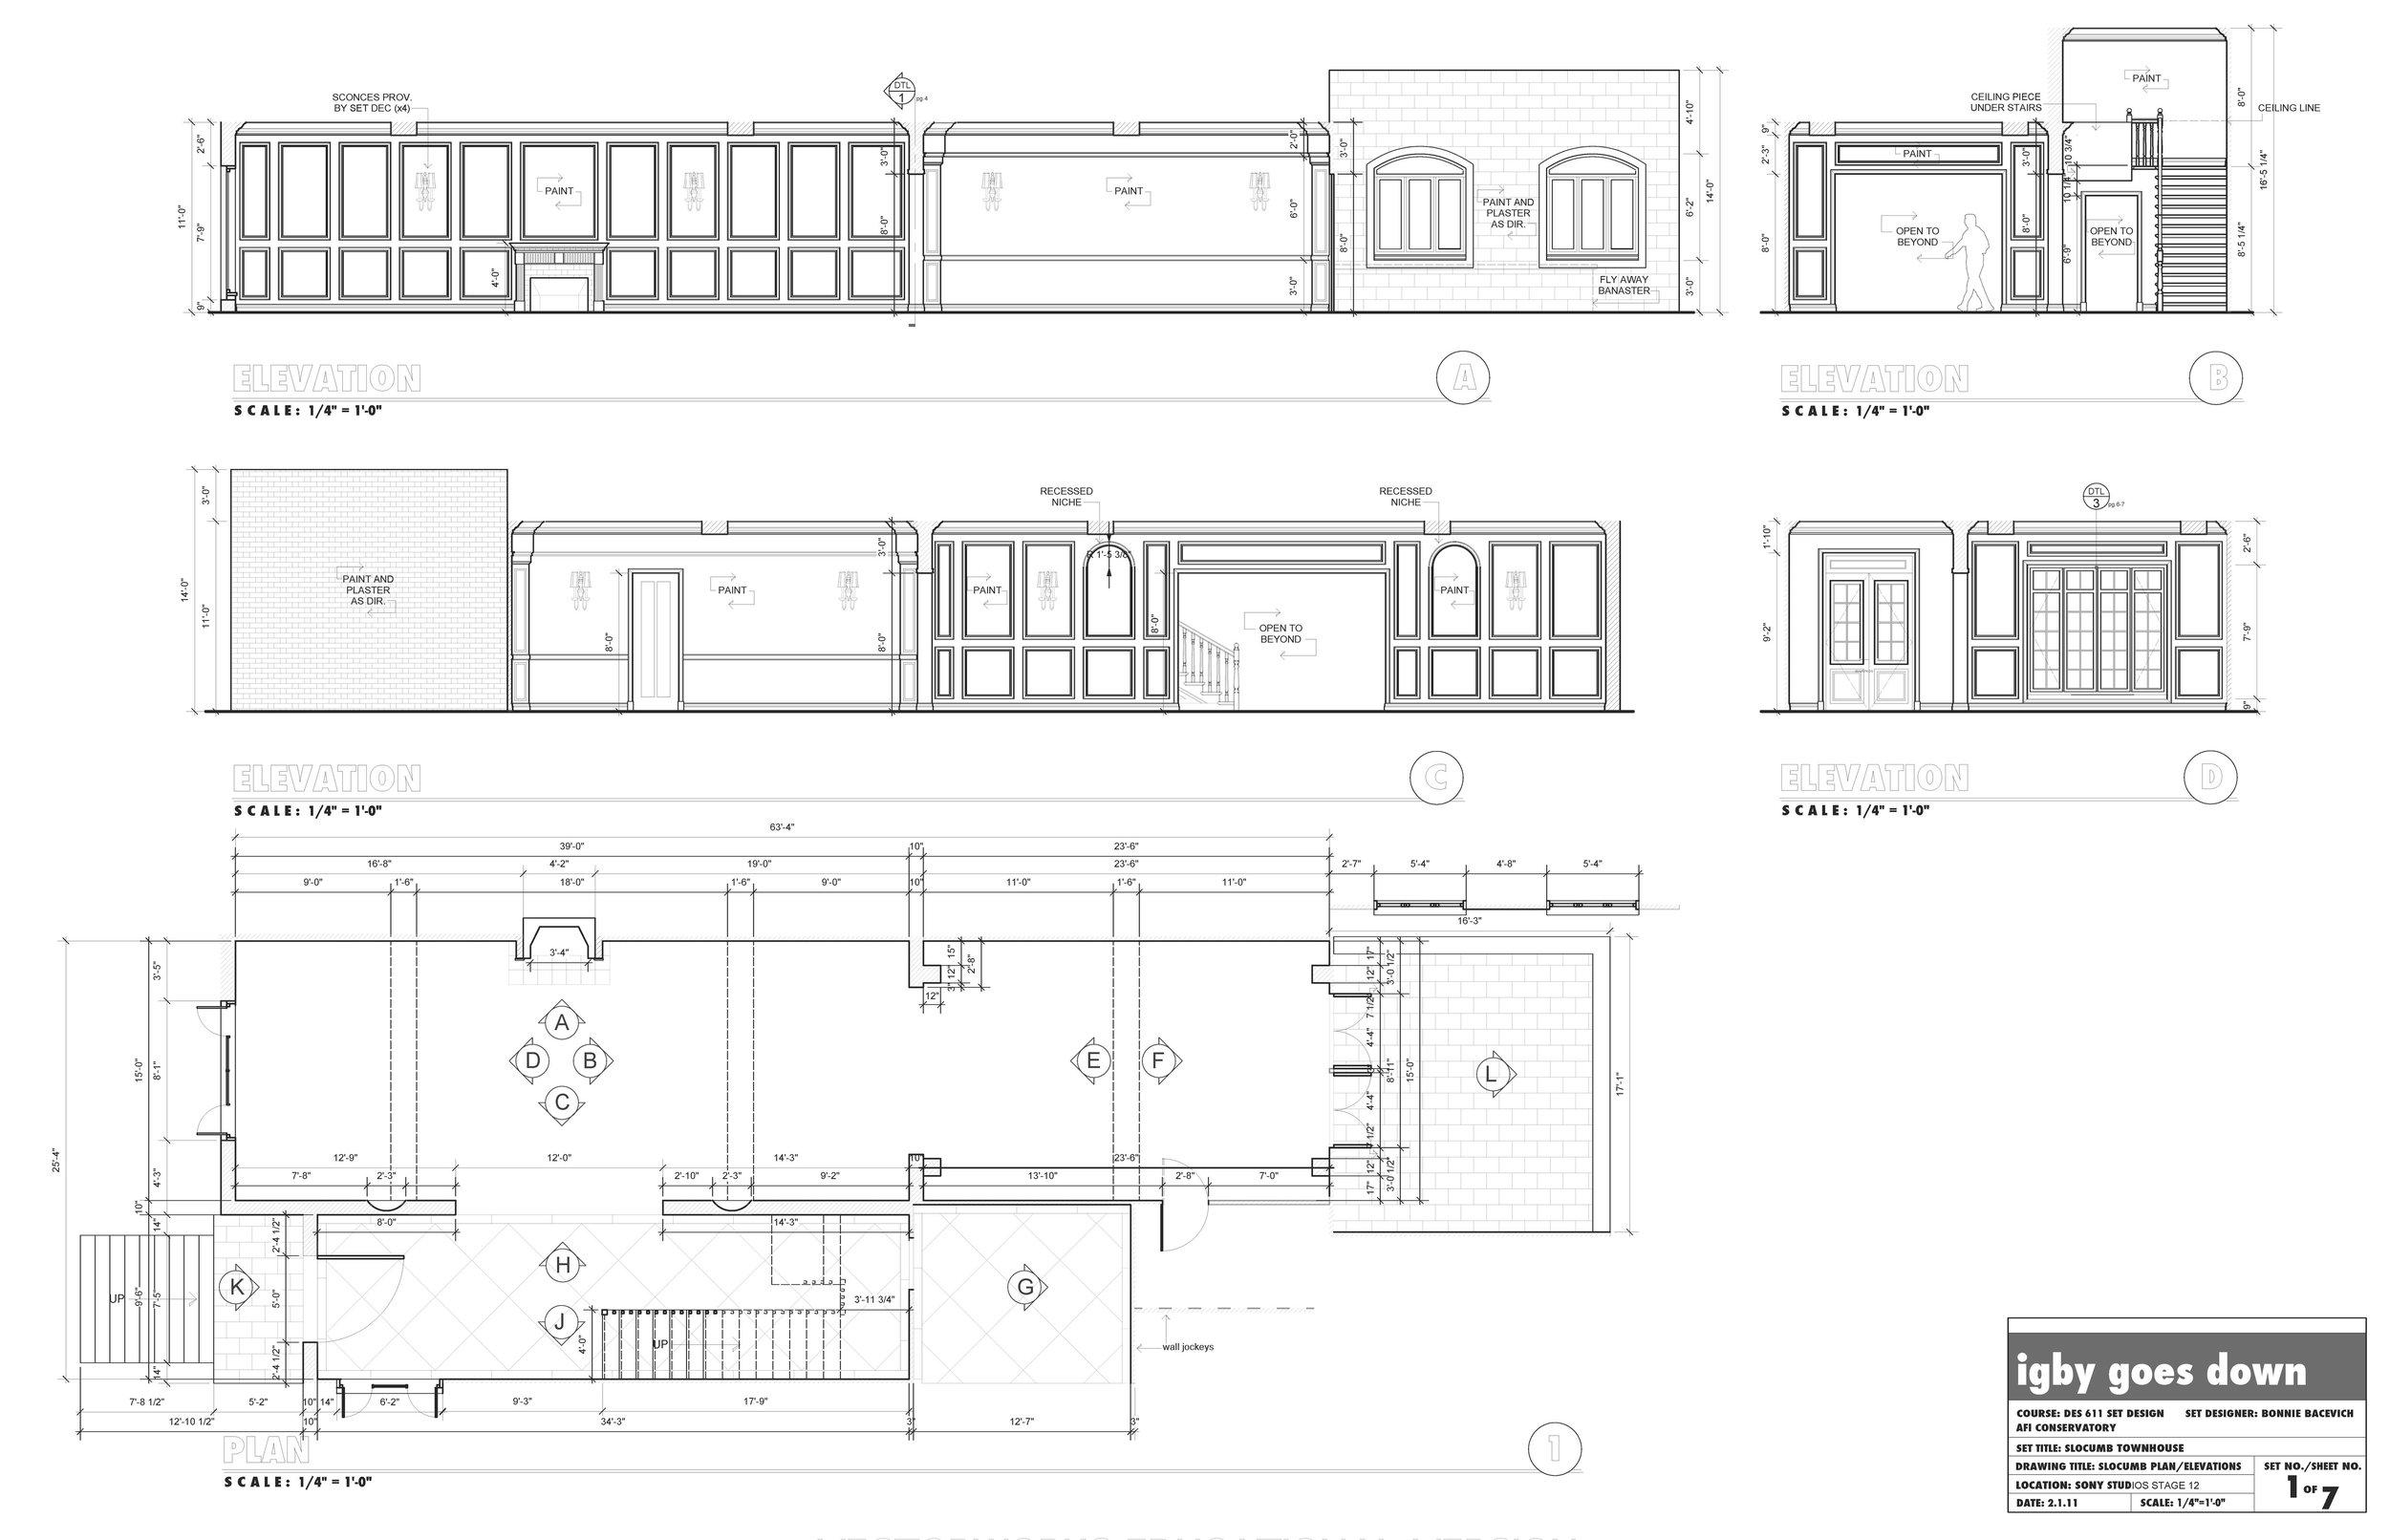 igby house plan v4 smaller.jpg